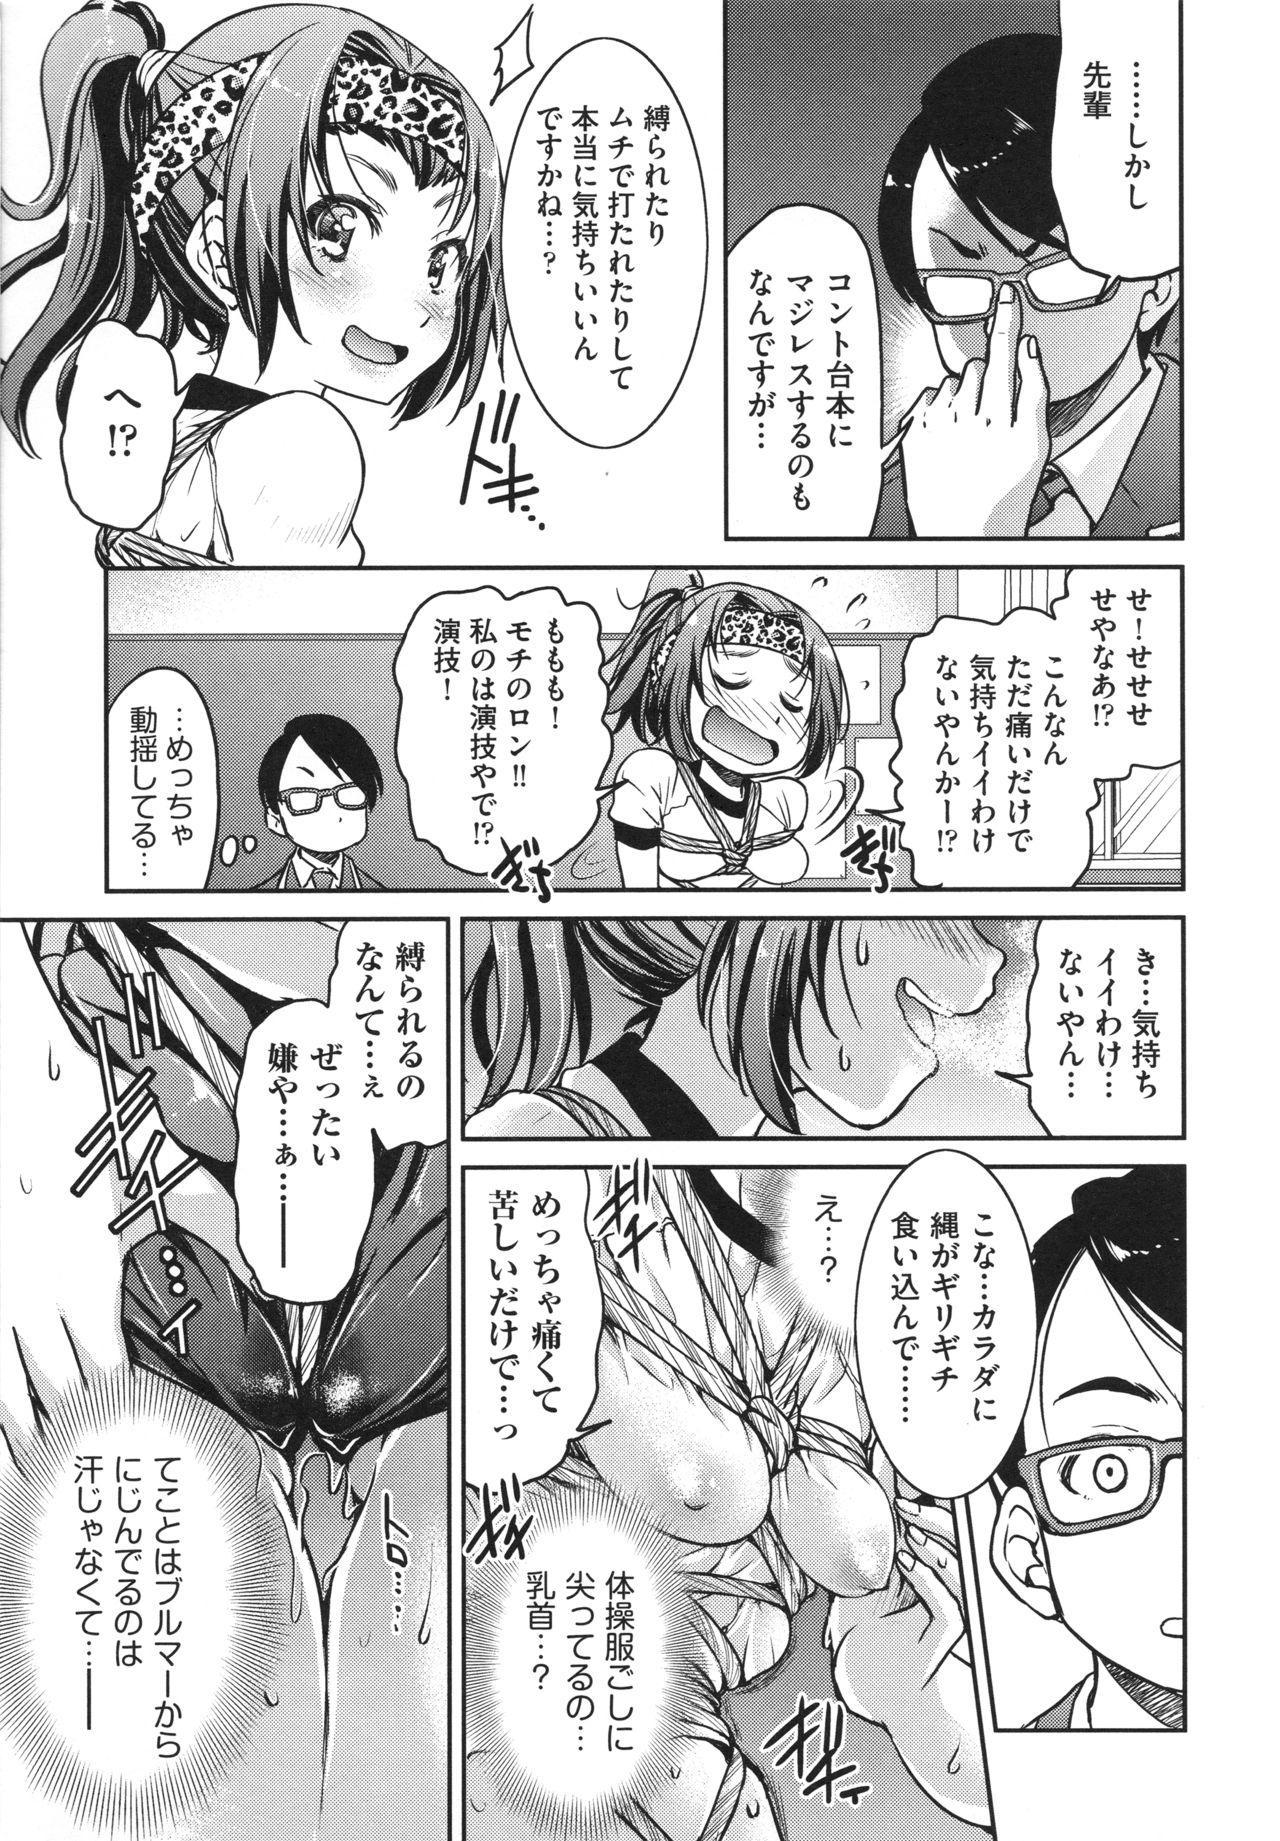 Akogare no Senpai o Shibatte Nigerarenaku Shite XXX. 114